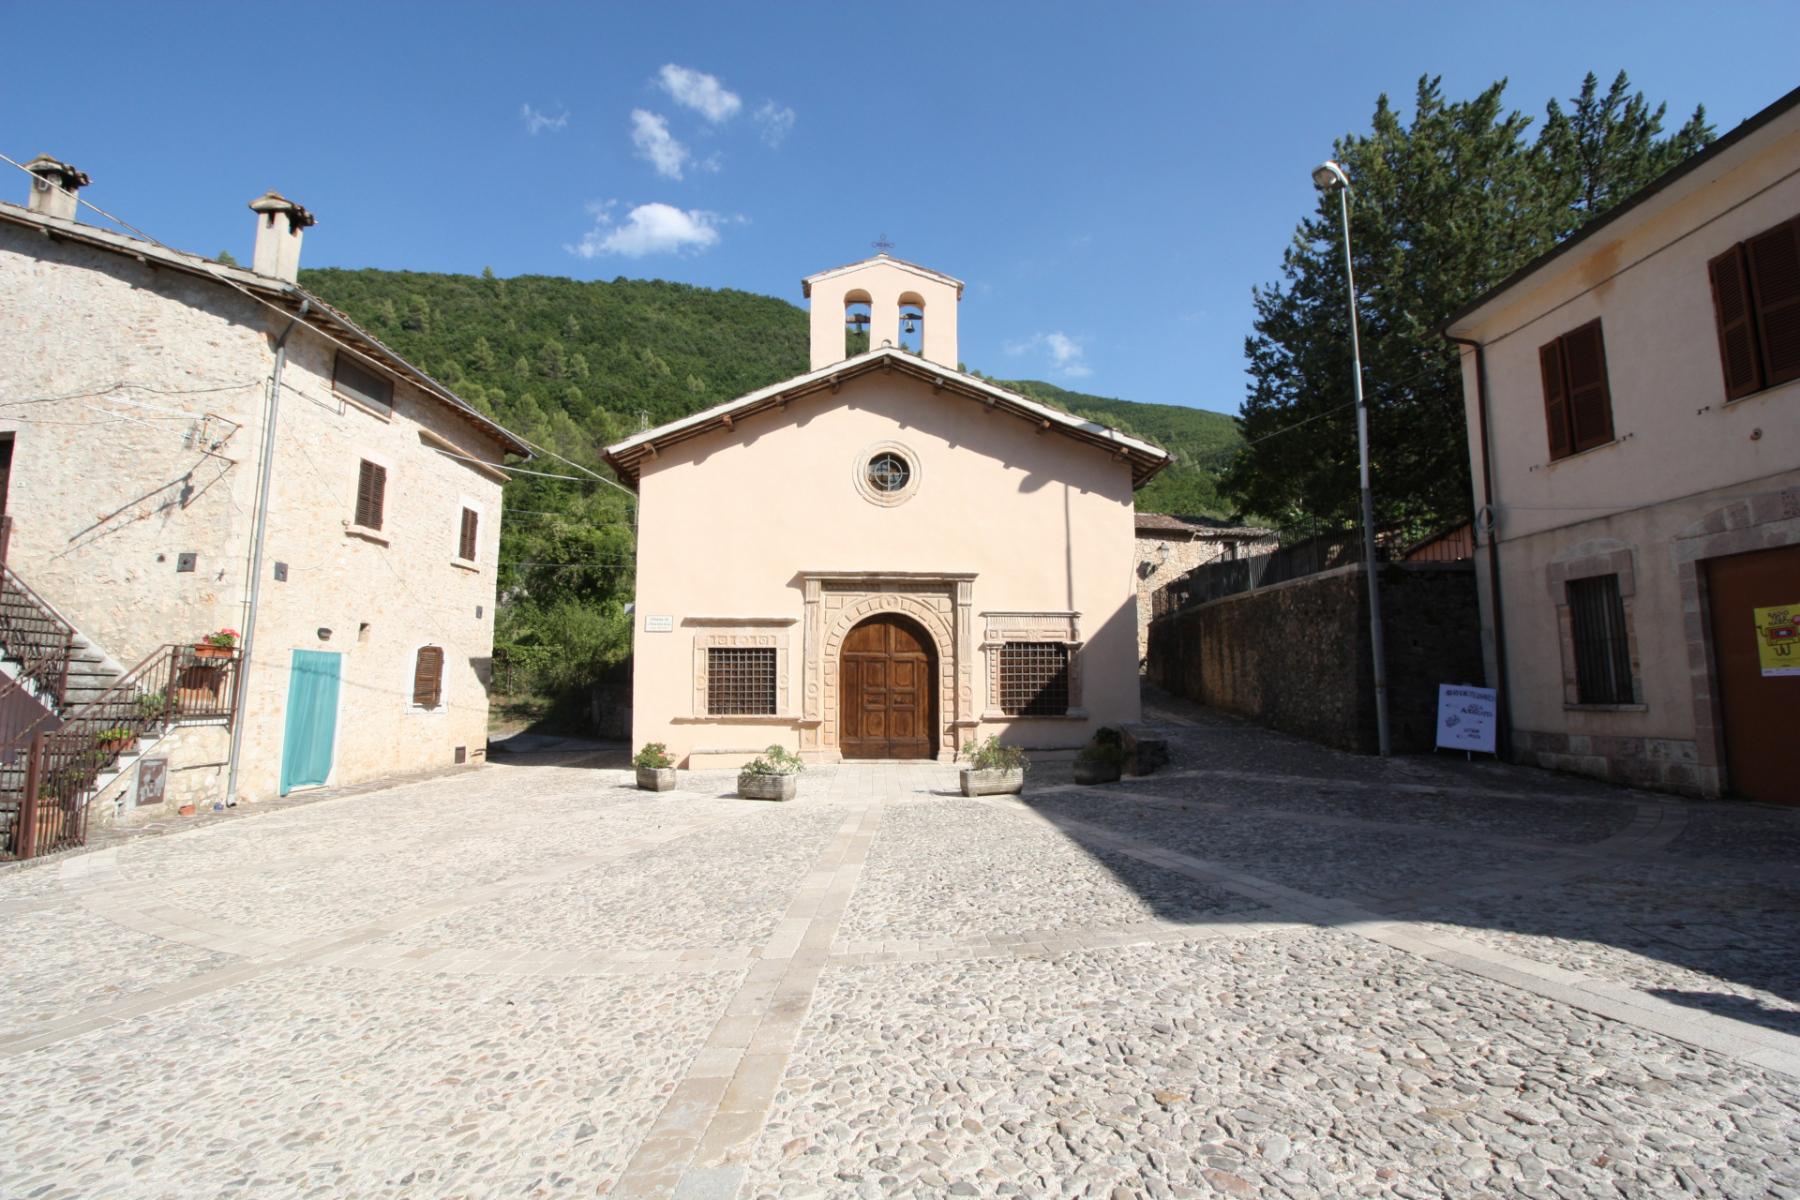 Chiesa di Santa Maria delle Grazie - esterno - Sant'Anatolia di Narco